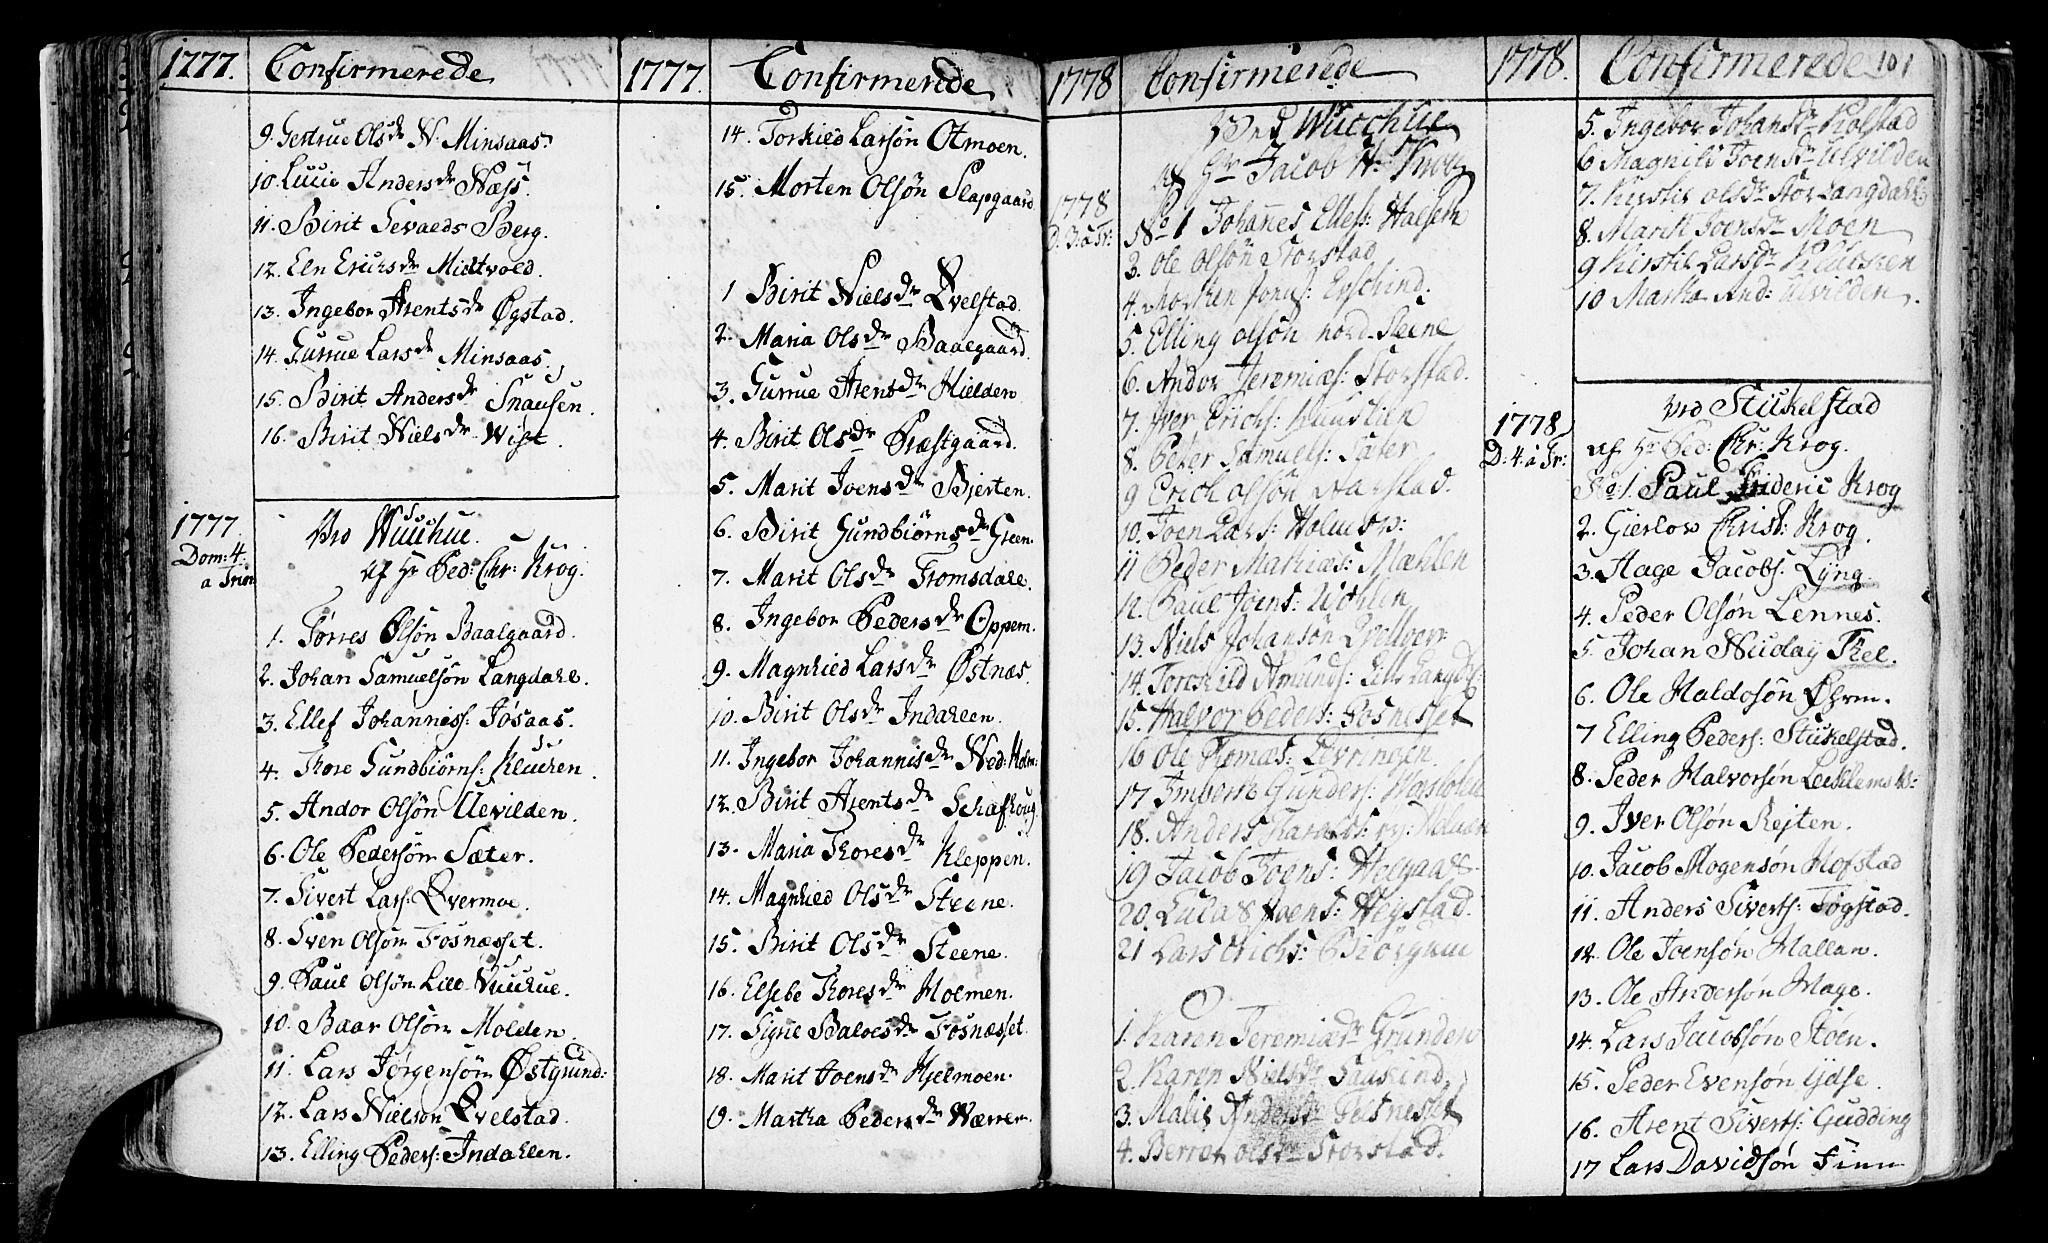 SAT, Ministerialprotokoller, klokkerbøker og fødselsregistre - Nord-Trøndelag, 723/L0231: Ministerialbok nr. 723A02, 1748-1780, s. 101